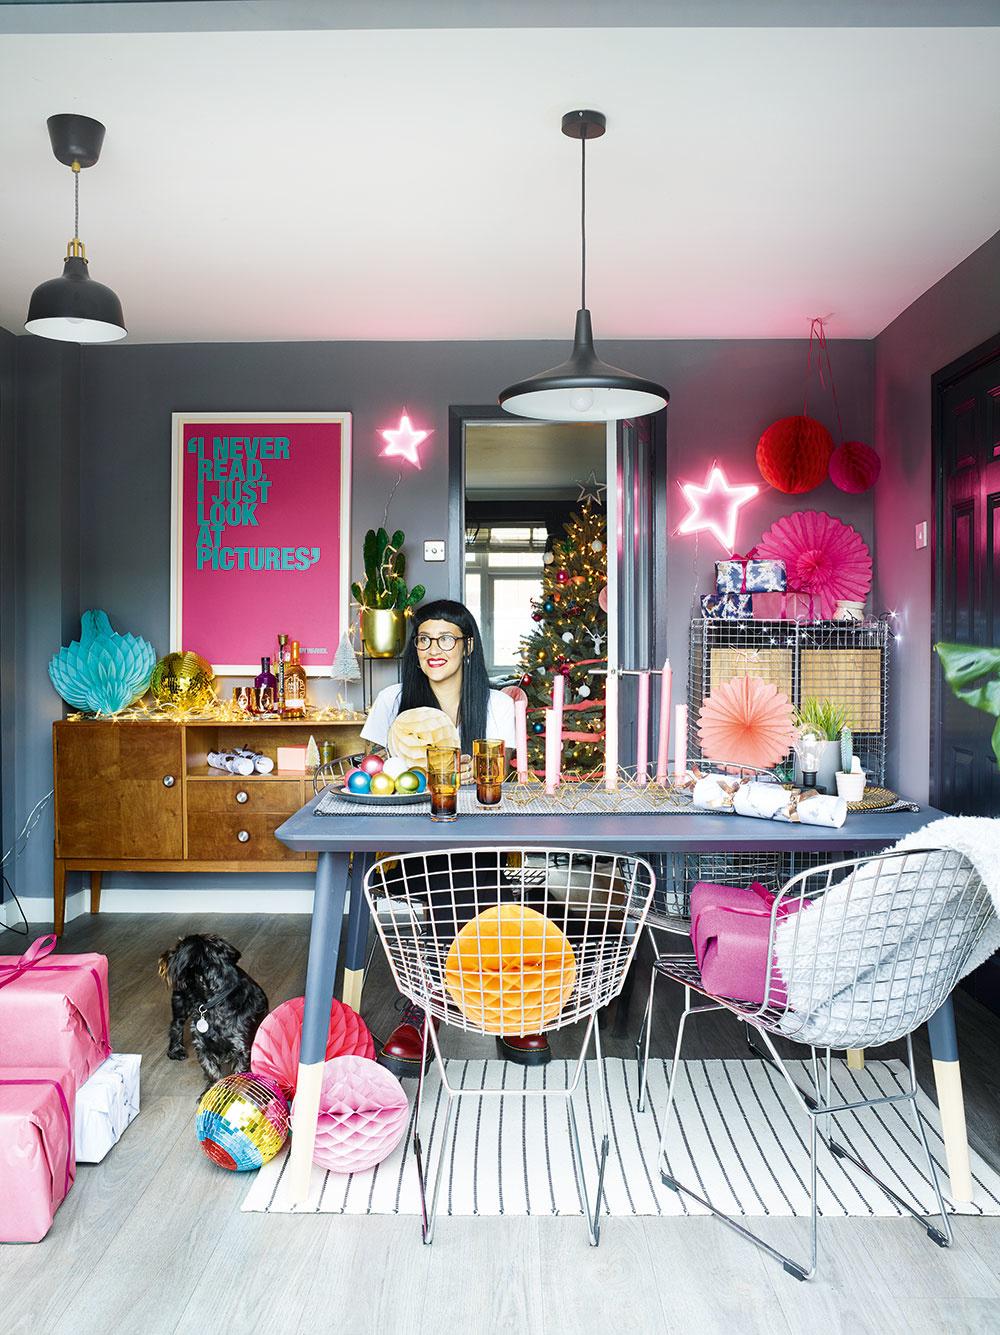 Nábytok a doplnky vyberala a nakupovala Roxanne v obľúbených reťazcoch IKEA, Matalan a H&M. Kombináciu škandinávskeho dizajnu s nadčasovými kúskami kde-tu ozvláštnila zachovaným kúskom z blšieho trhu.